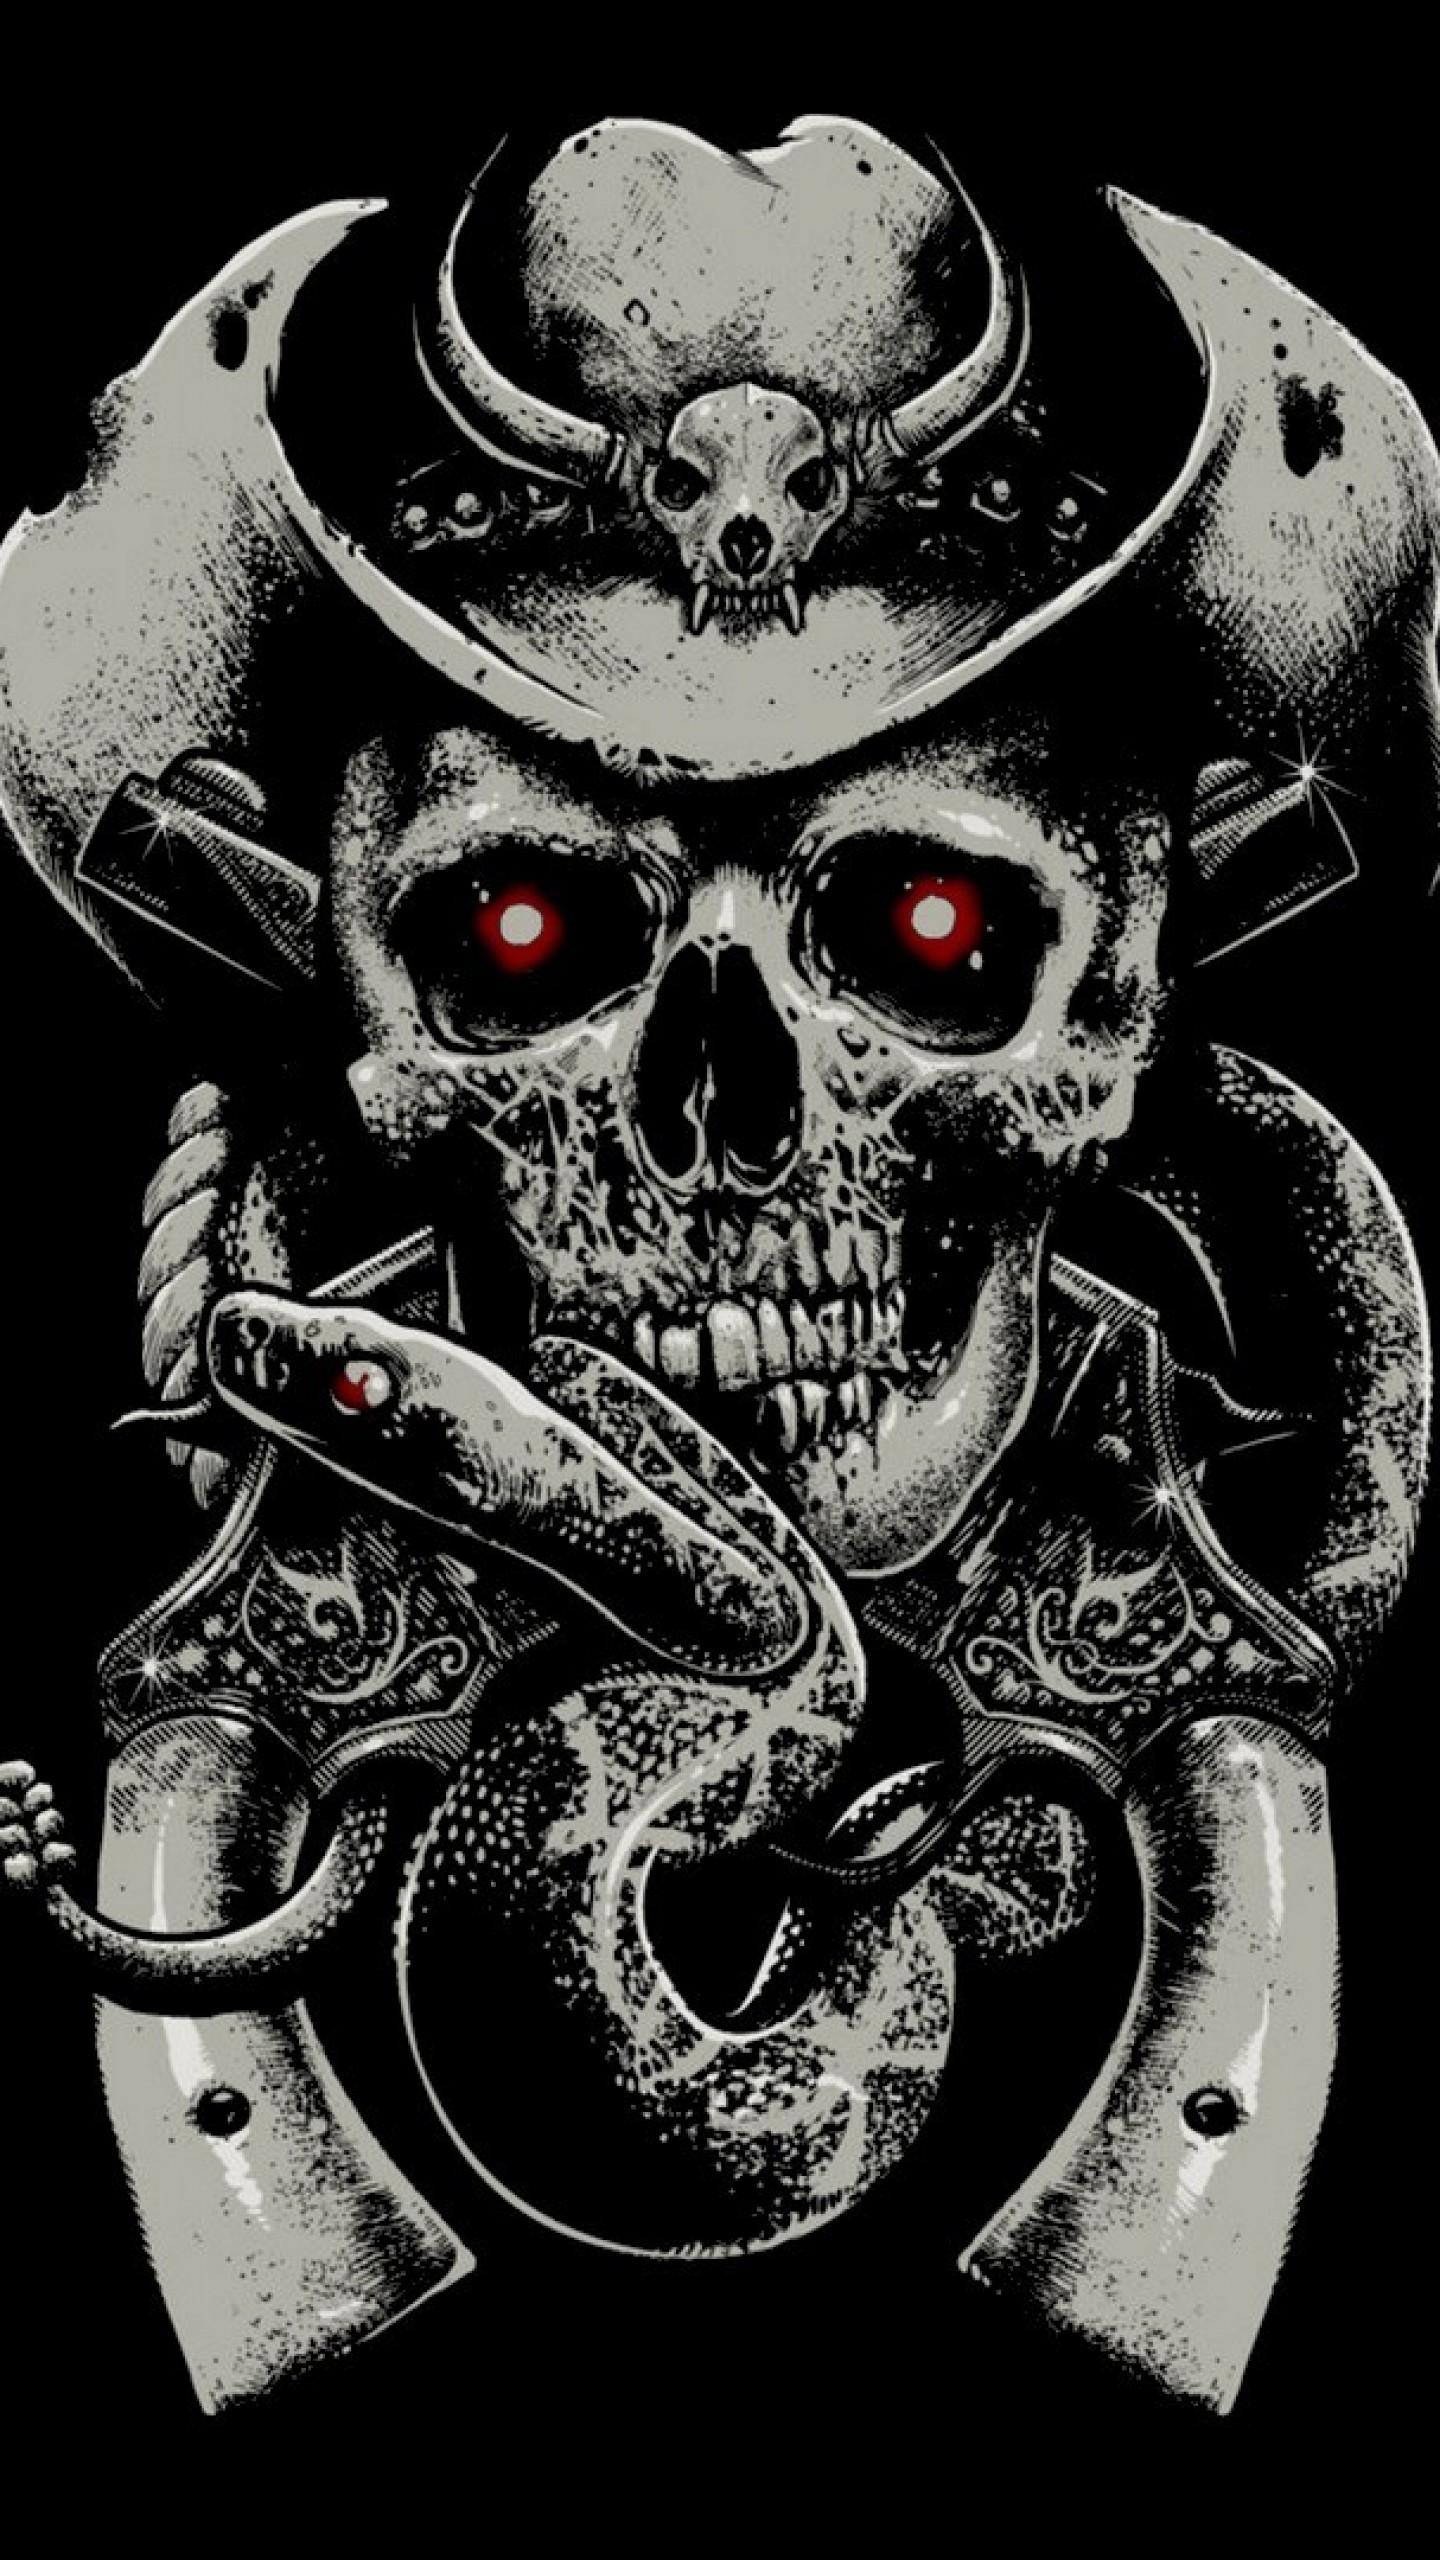 Black and white skulls wallpaper 59 images - Skeleton wallpaper ...